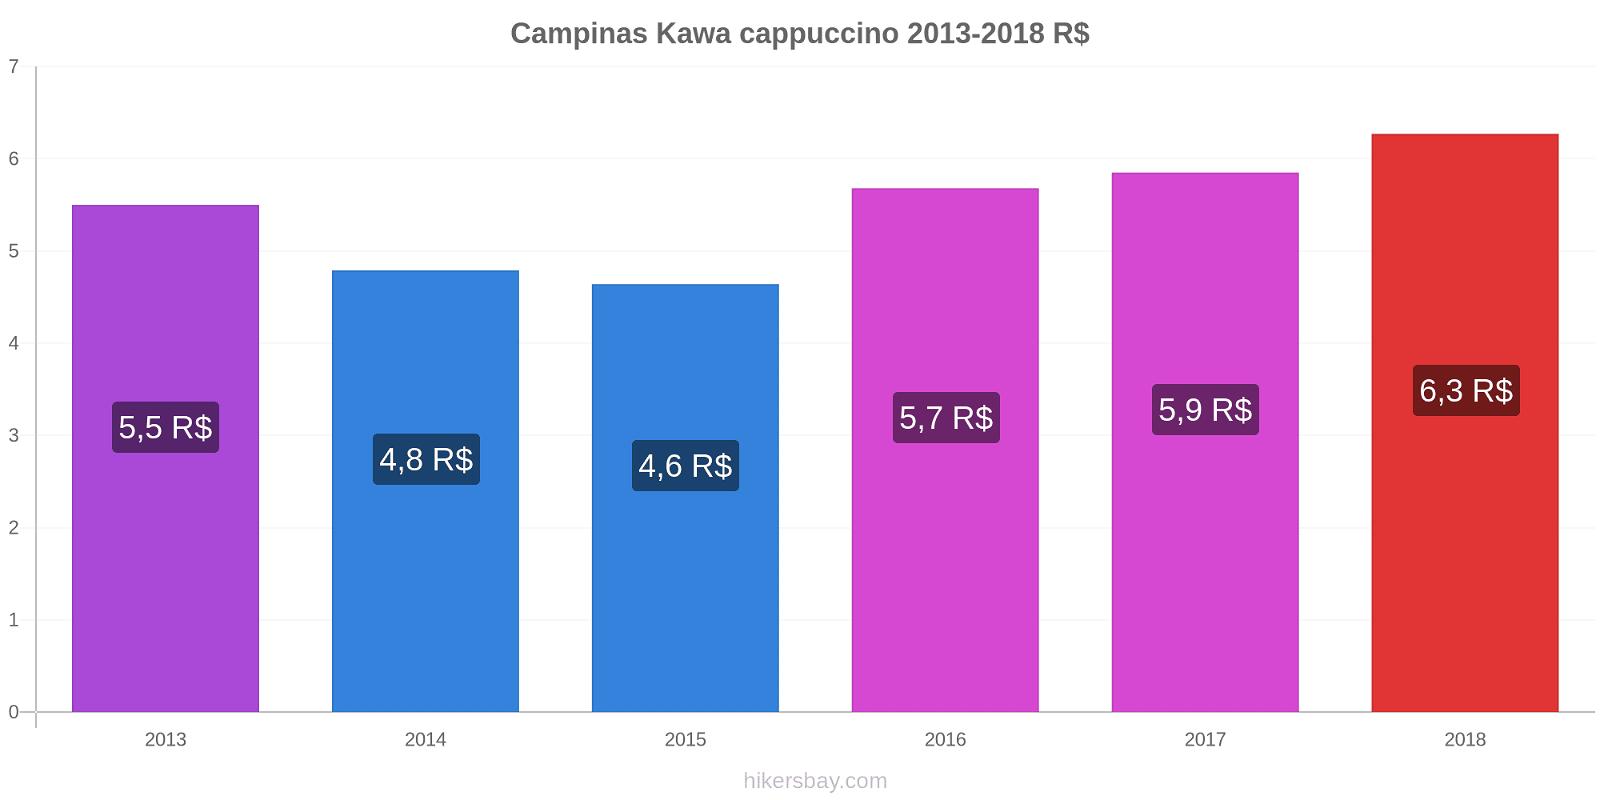 Campinas zmiany cen Kawa cappuccino hikersbay.com